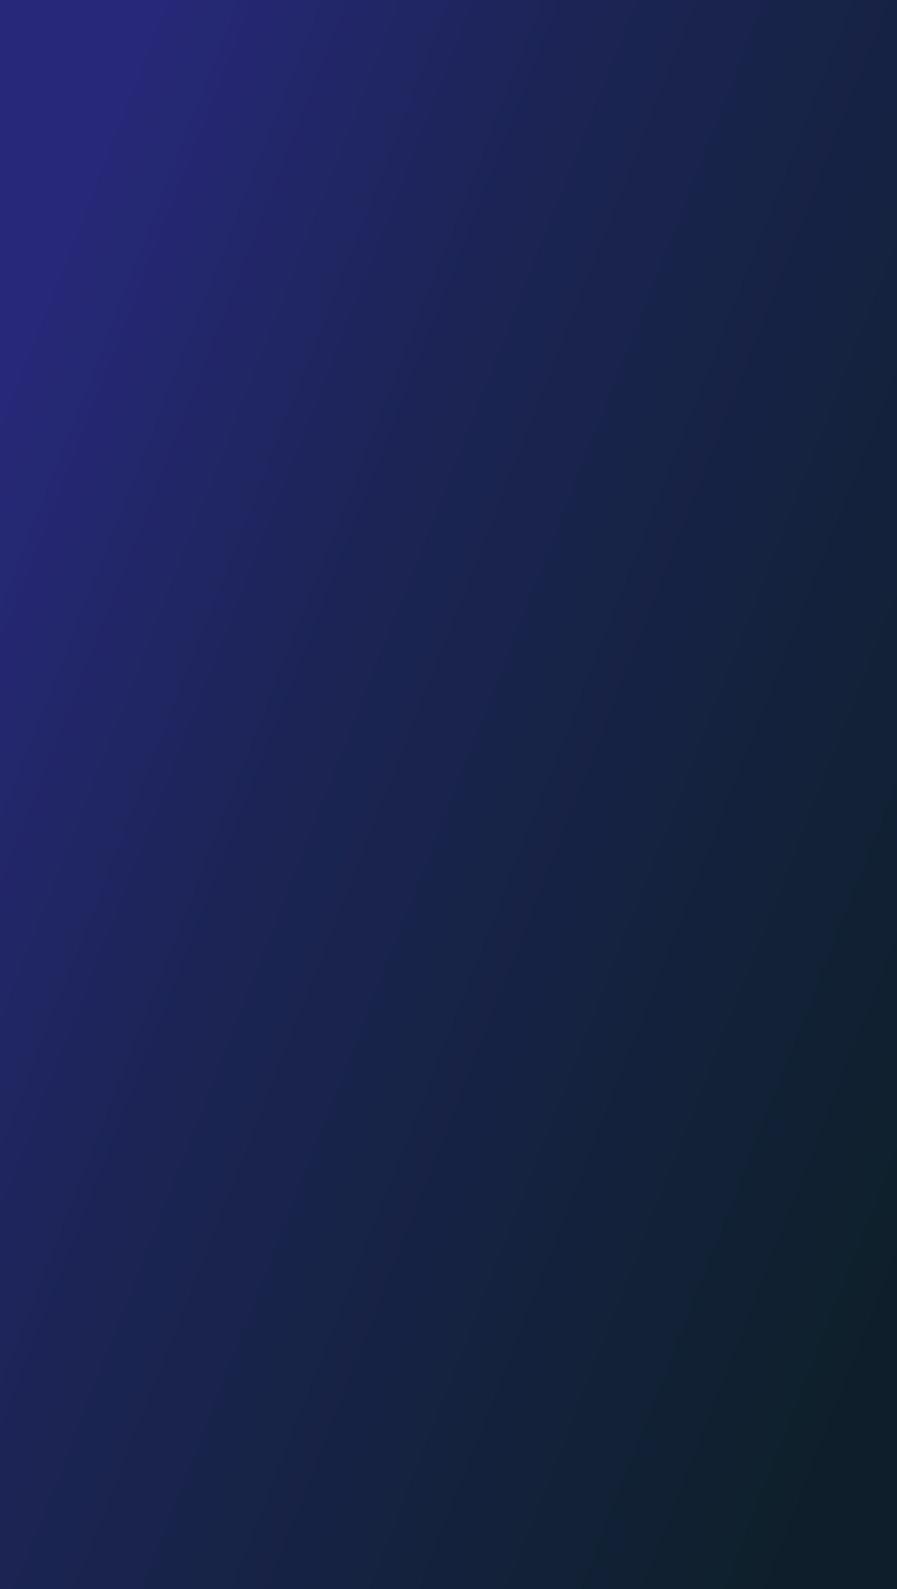 tudo azul.jpg